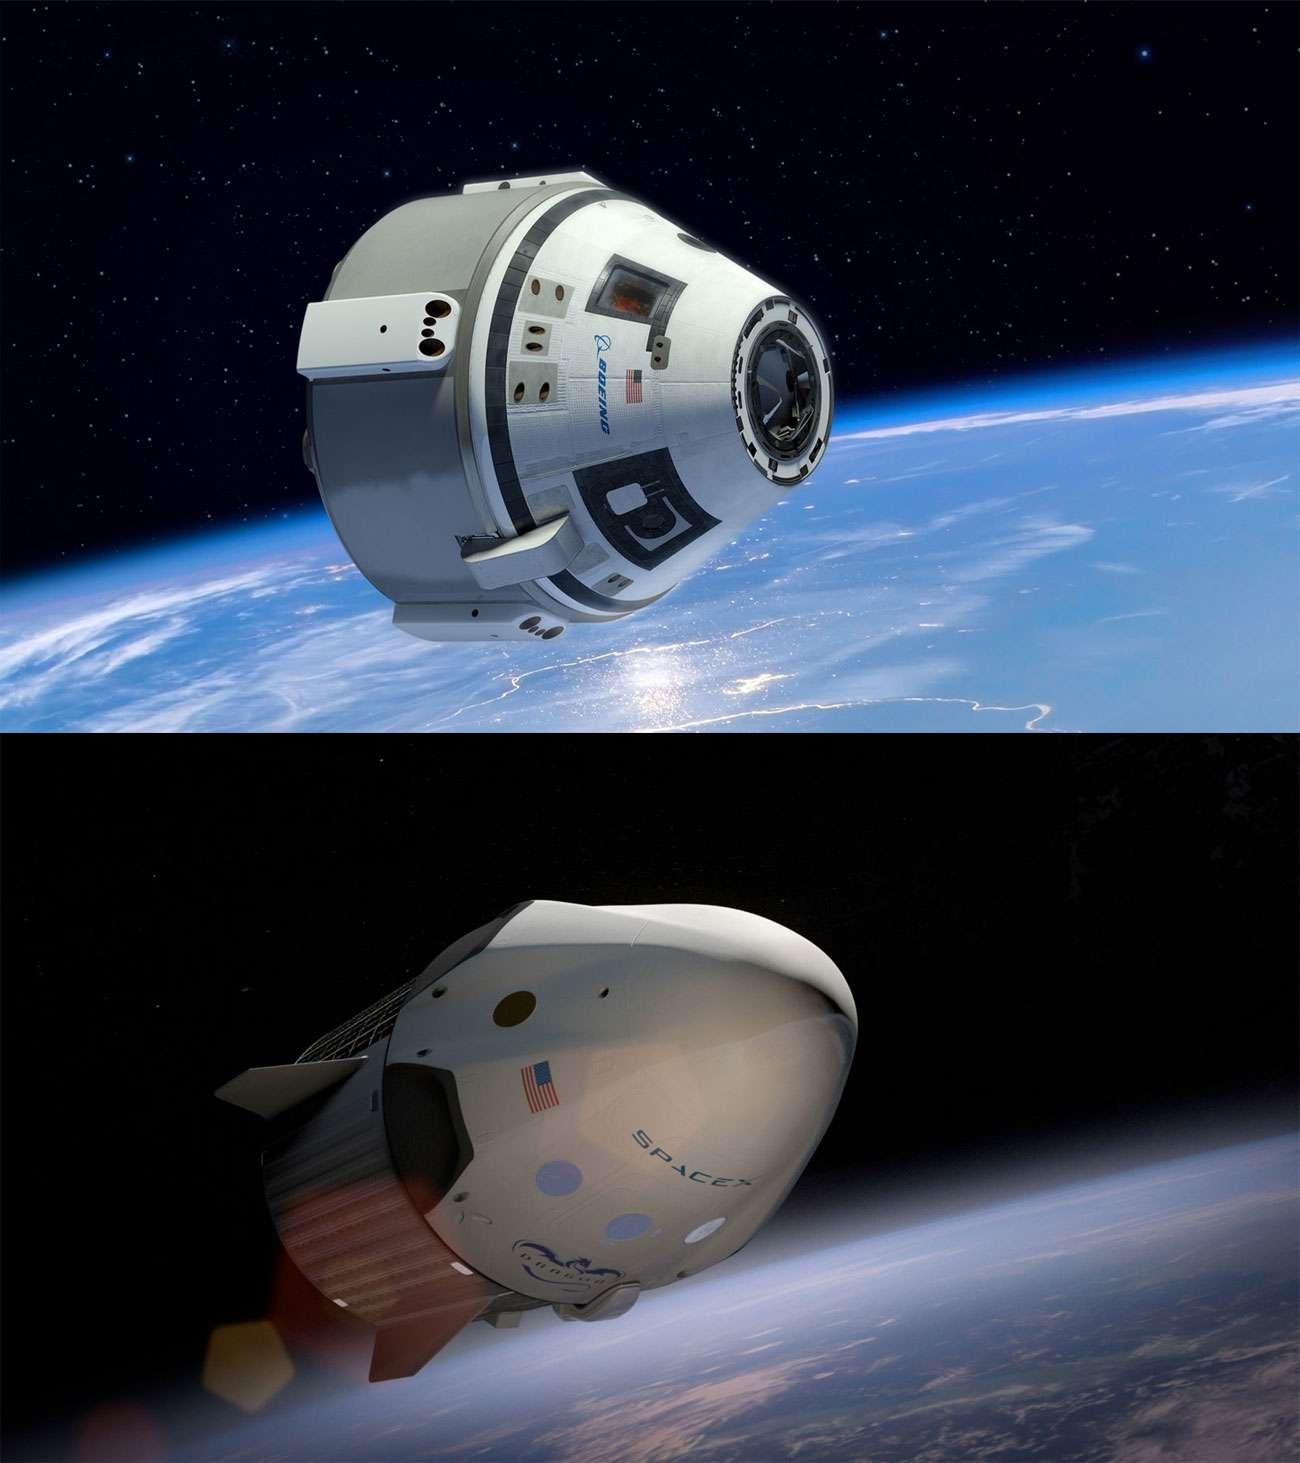 Les deux premiers vaisseaux spatiaux privés capables de transporter des astronautes vers la Station spatiale internationale (ISS). En haut, le CST-100 de Boeing et, en-dessous, la version habitée de la capsule Dragon de SpaceX.